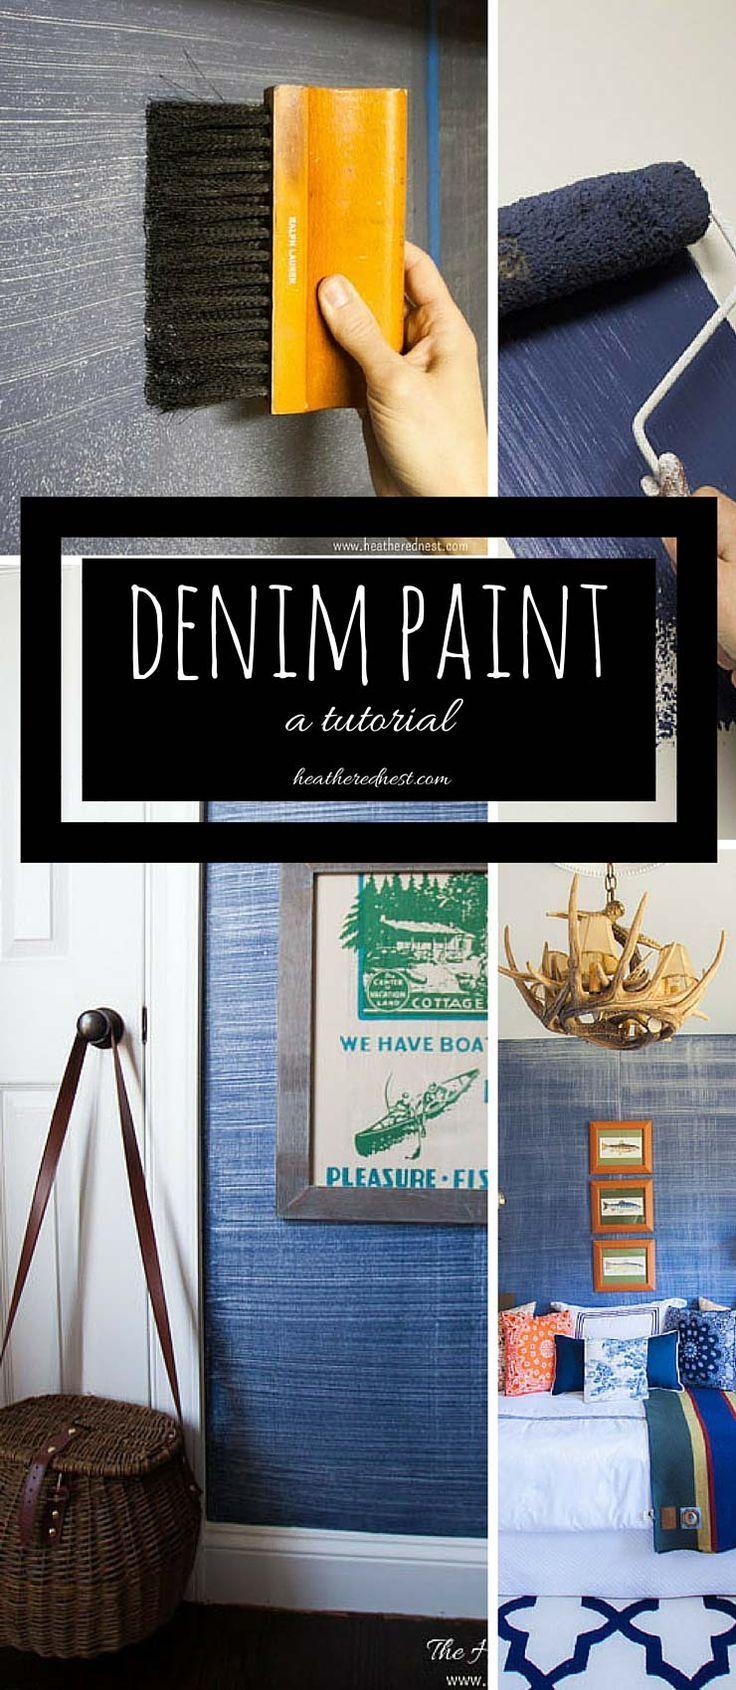 25 best ideas about denim paint on pinterest painted